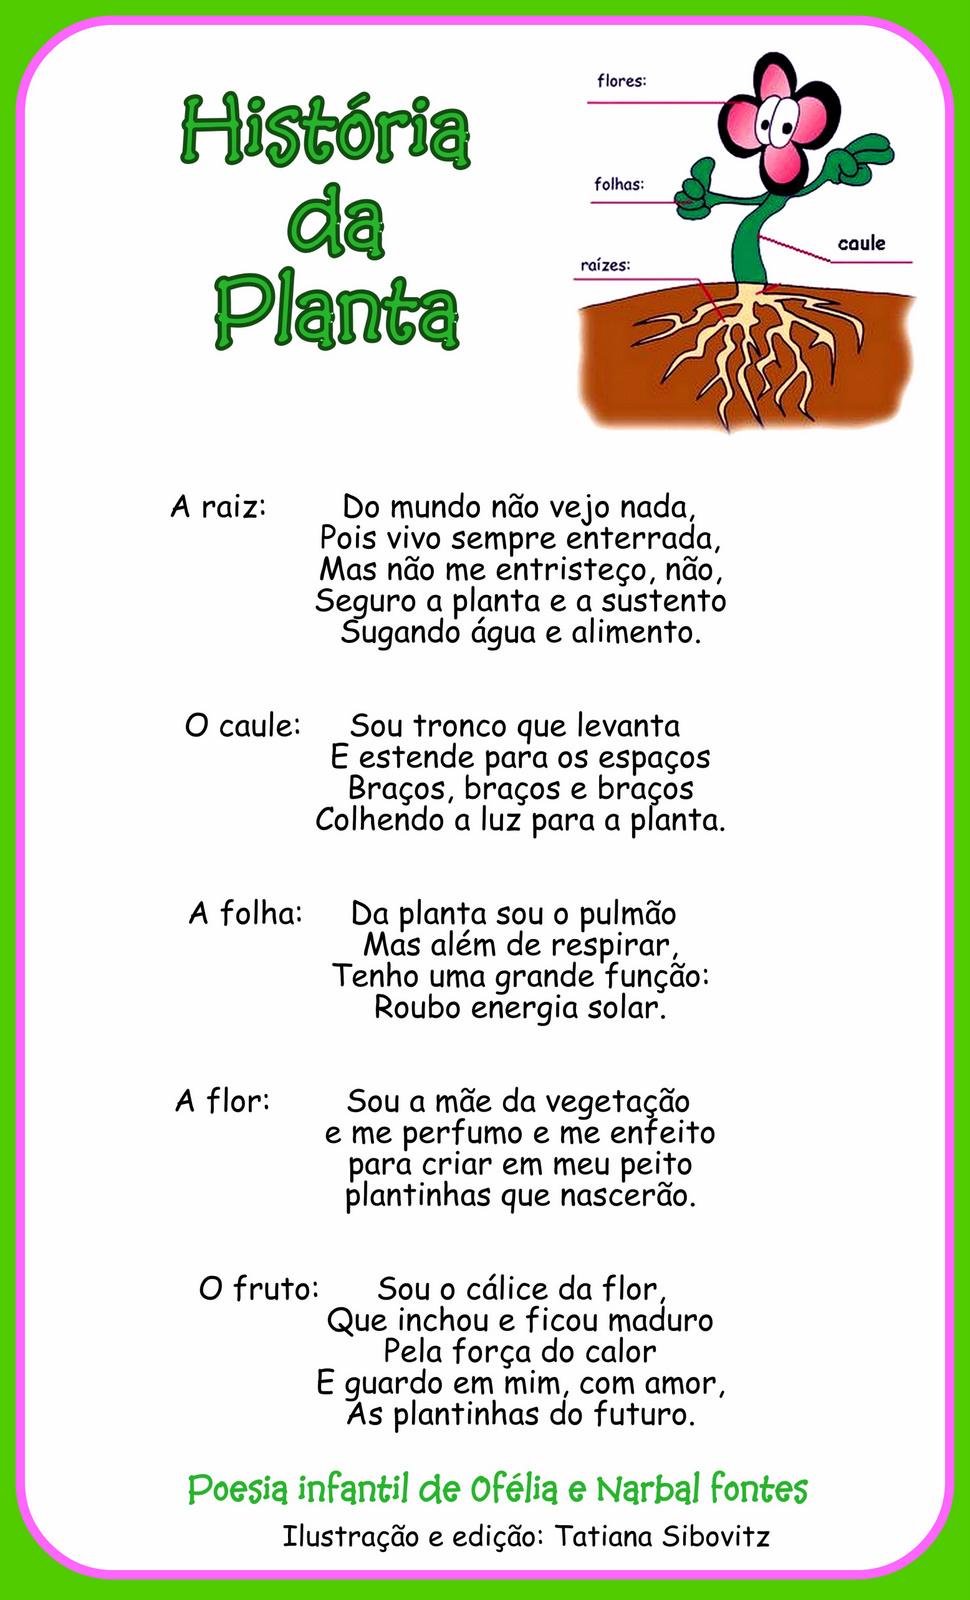 Encontrei Este Poema Lindo Que Fala Sobre As Partes Da Planta